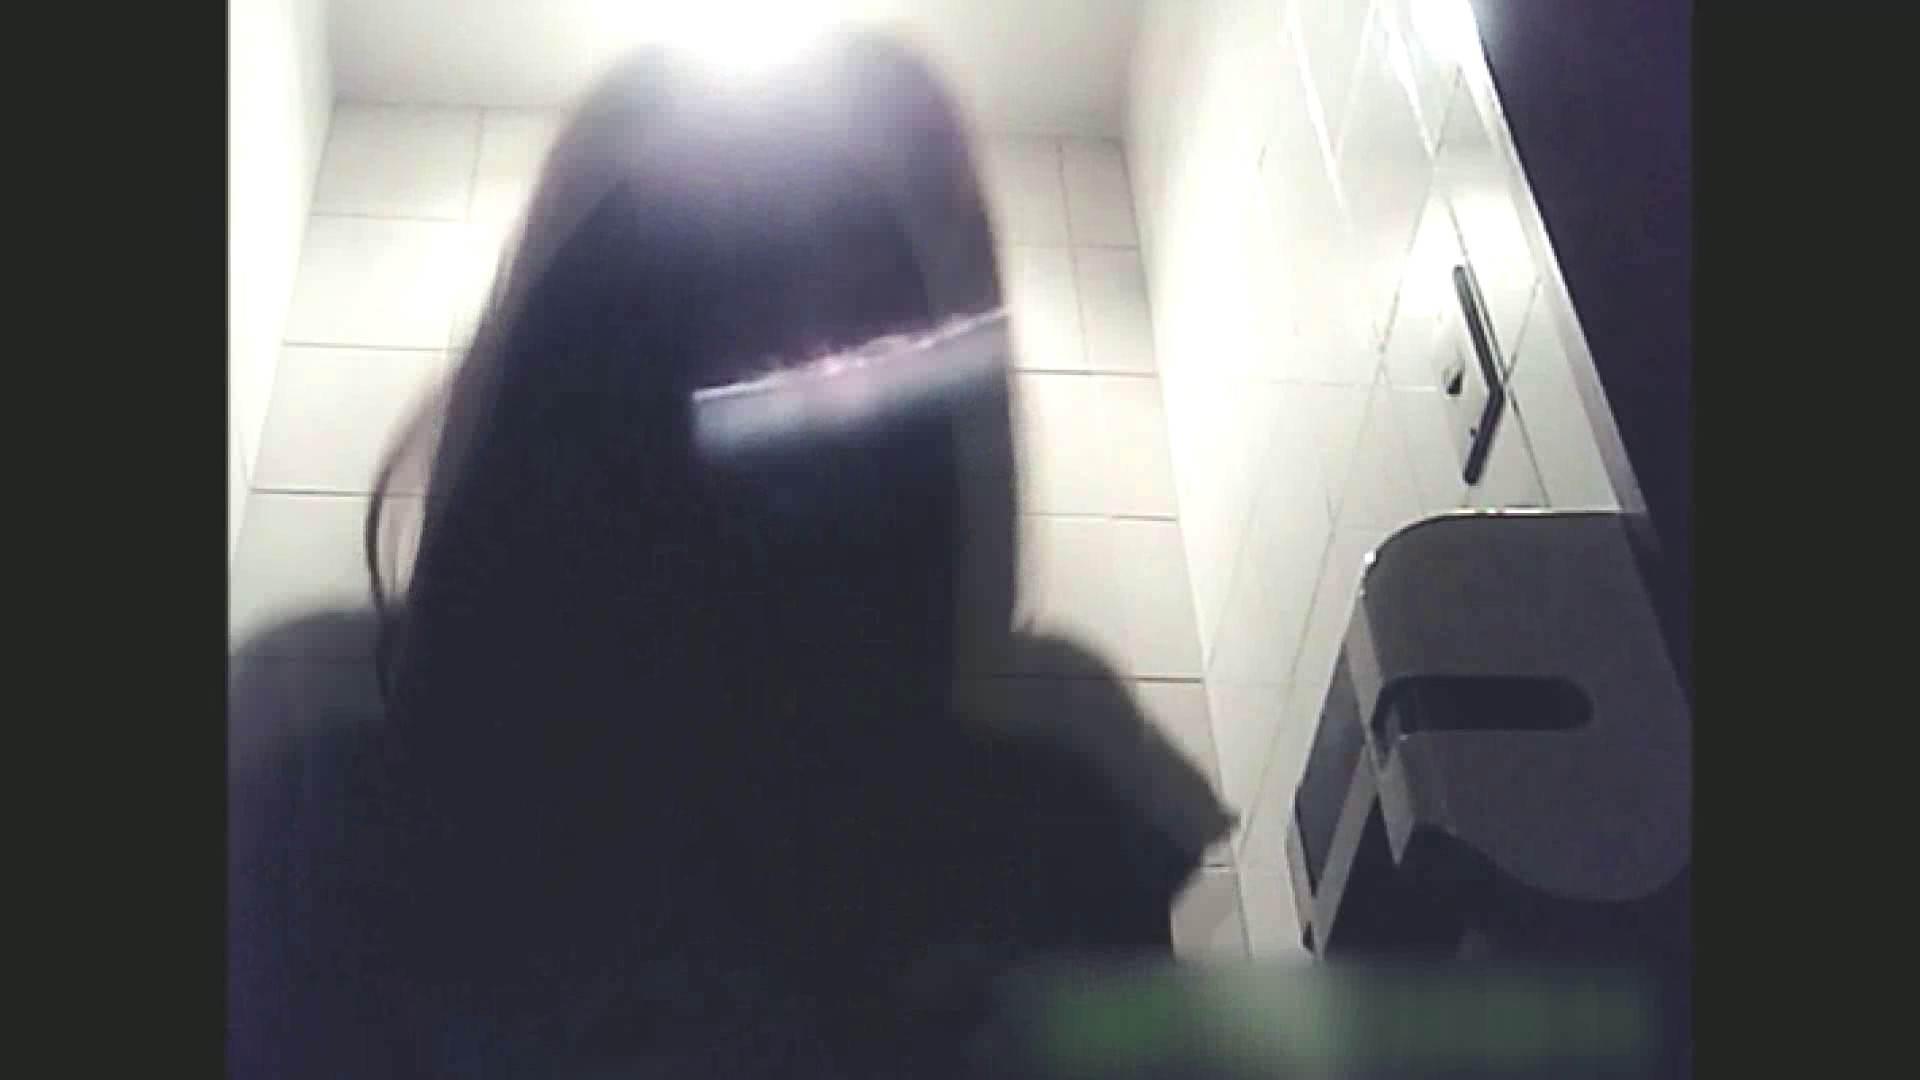 実録!!綺麗なお姉さんのトイレ事情・・・。vol.1 ナプキン 覗きワレメ動画紹介 72連発 64